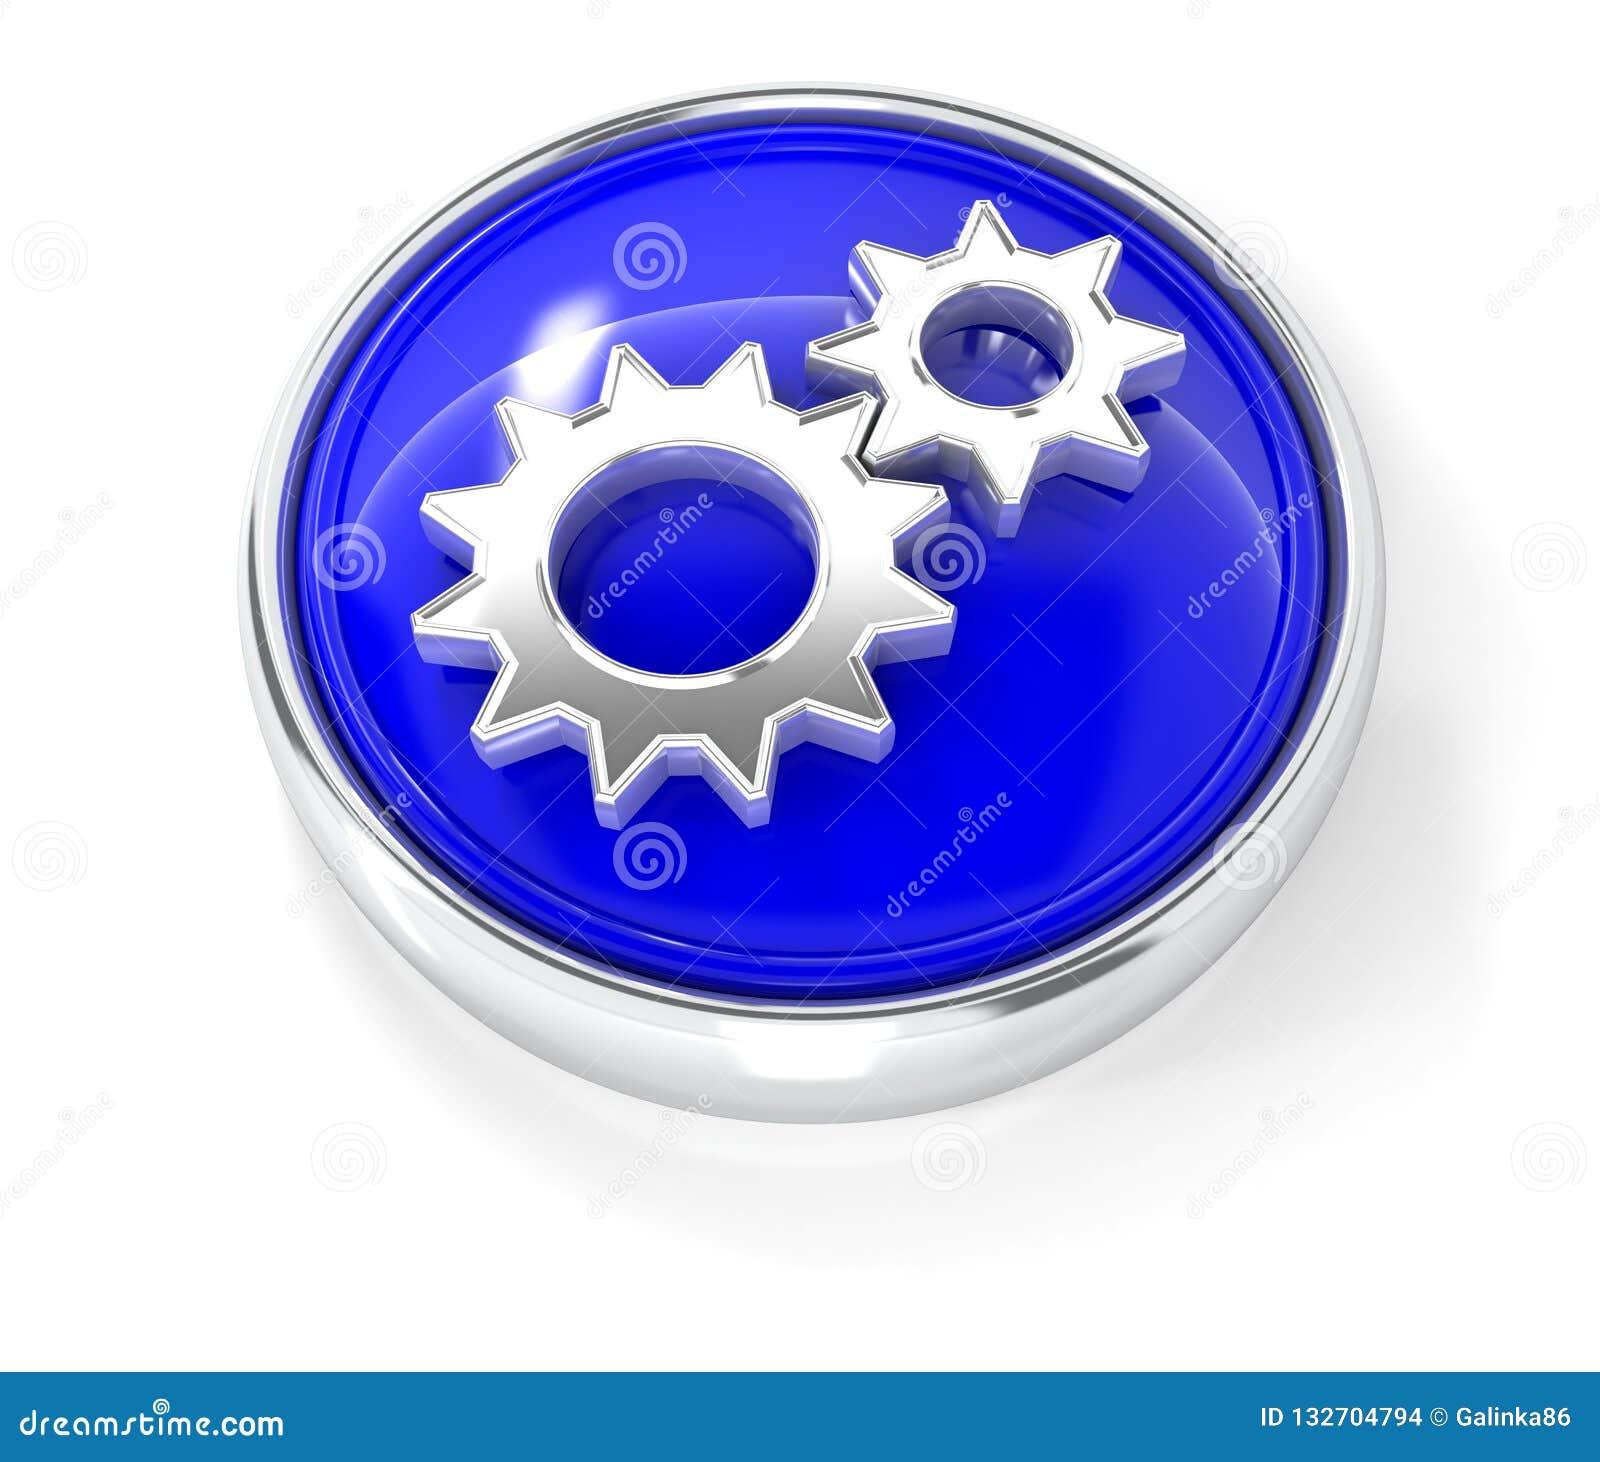 Utrustar symbolen på den glansiga blåa runda knappen